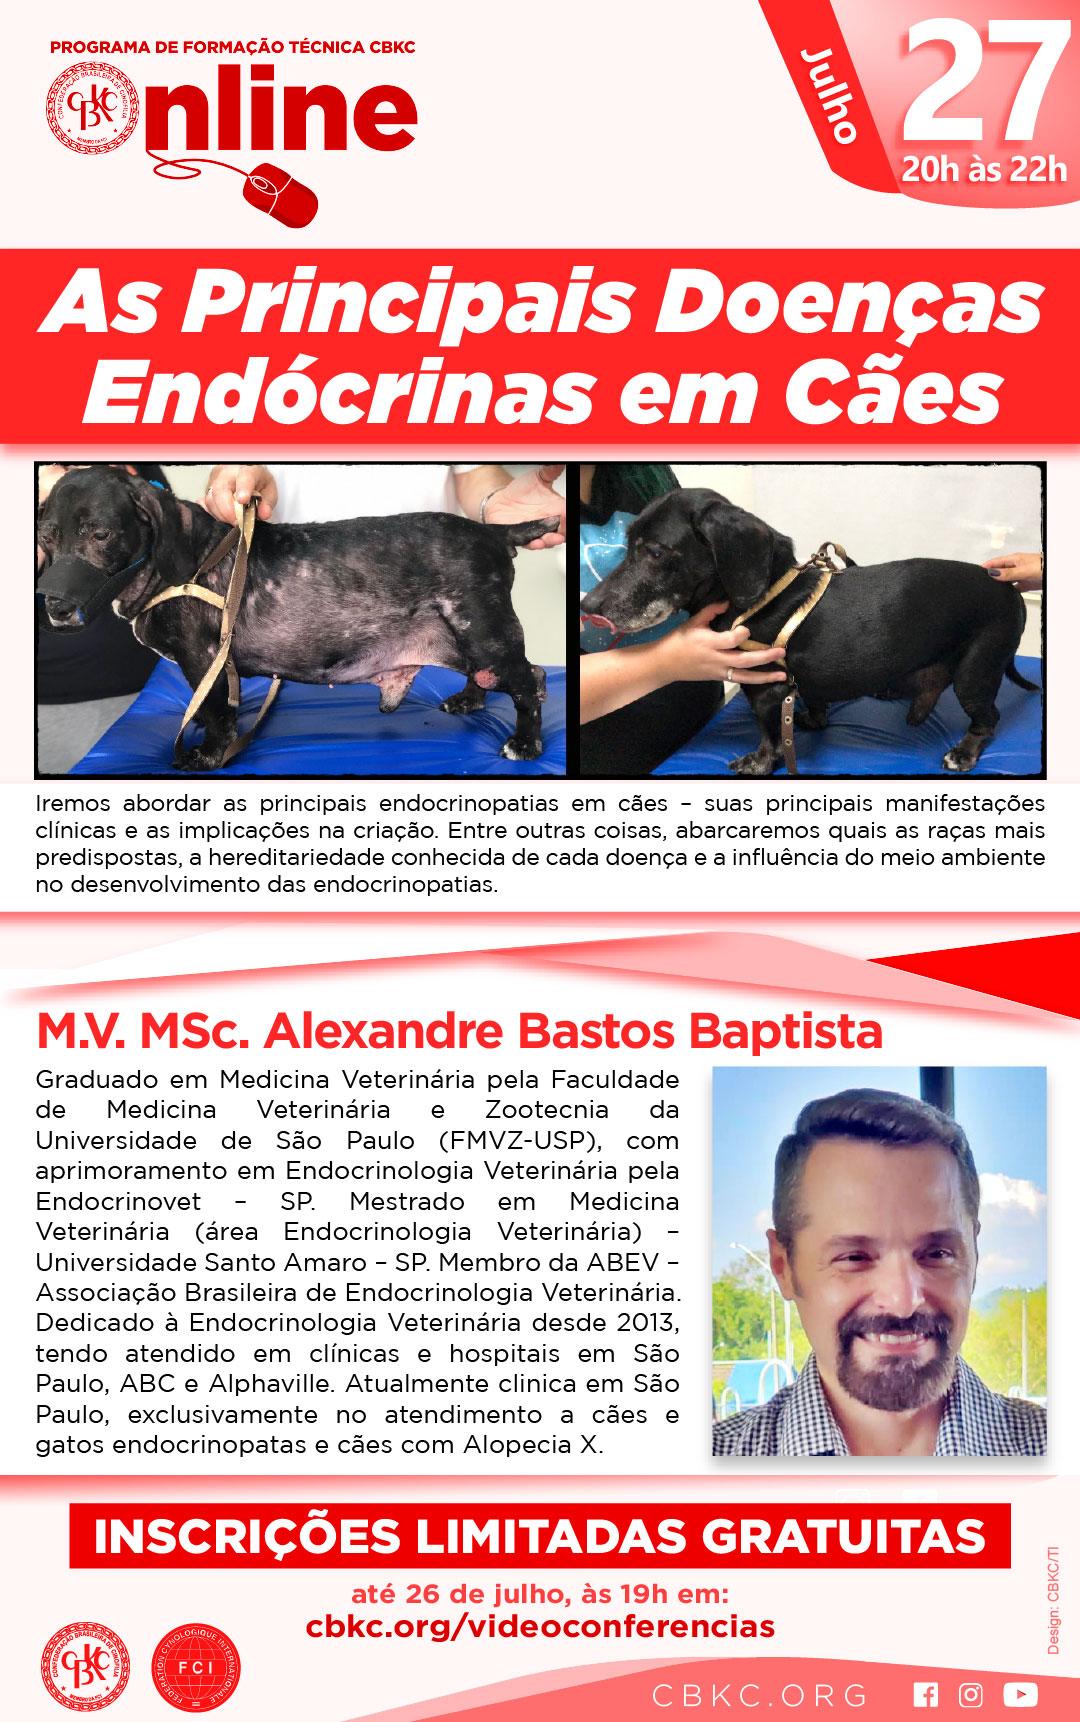 Imagem Videoconferências CBKC: As Principais Doenças Endócrinas em Cães